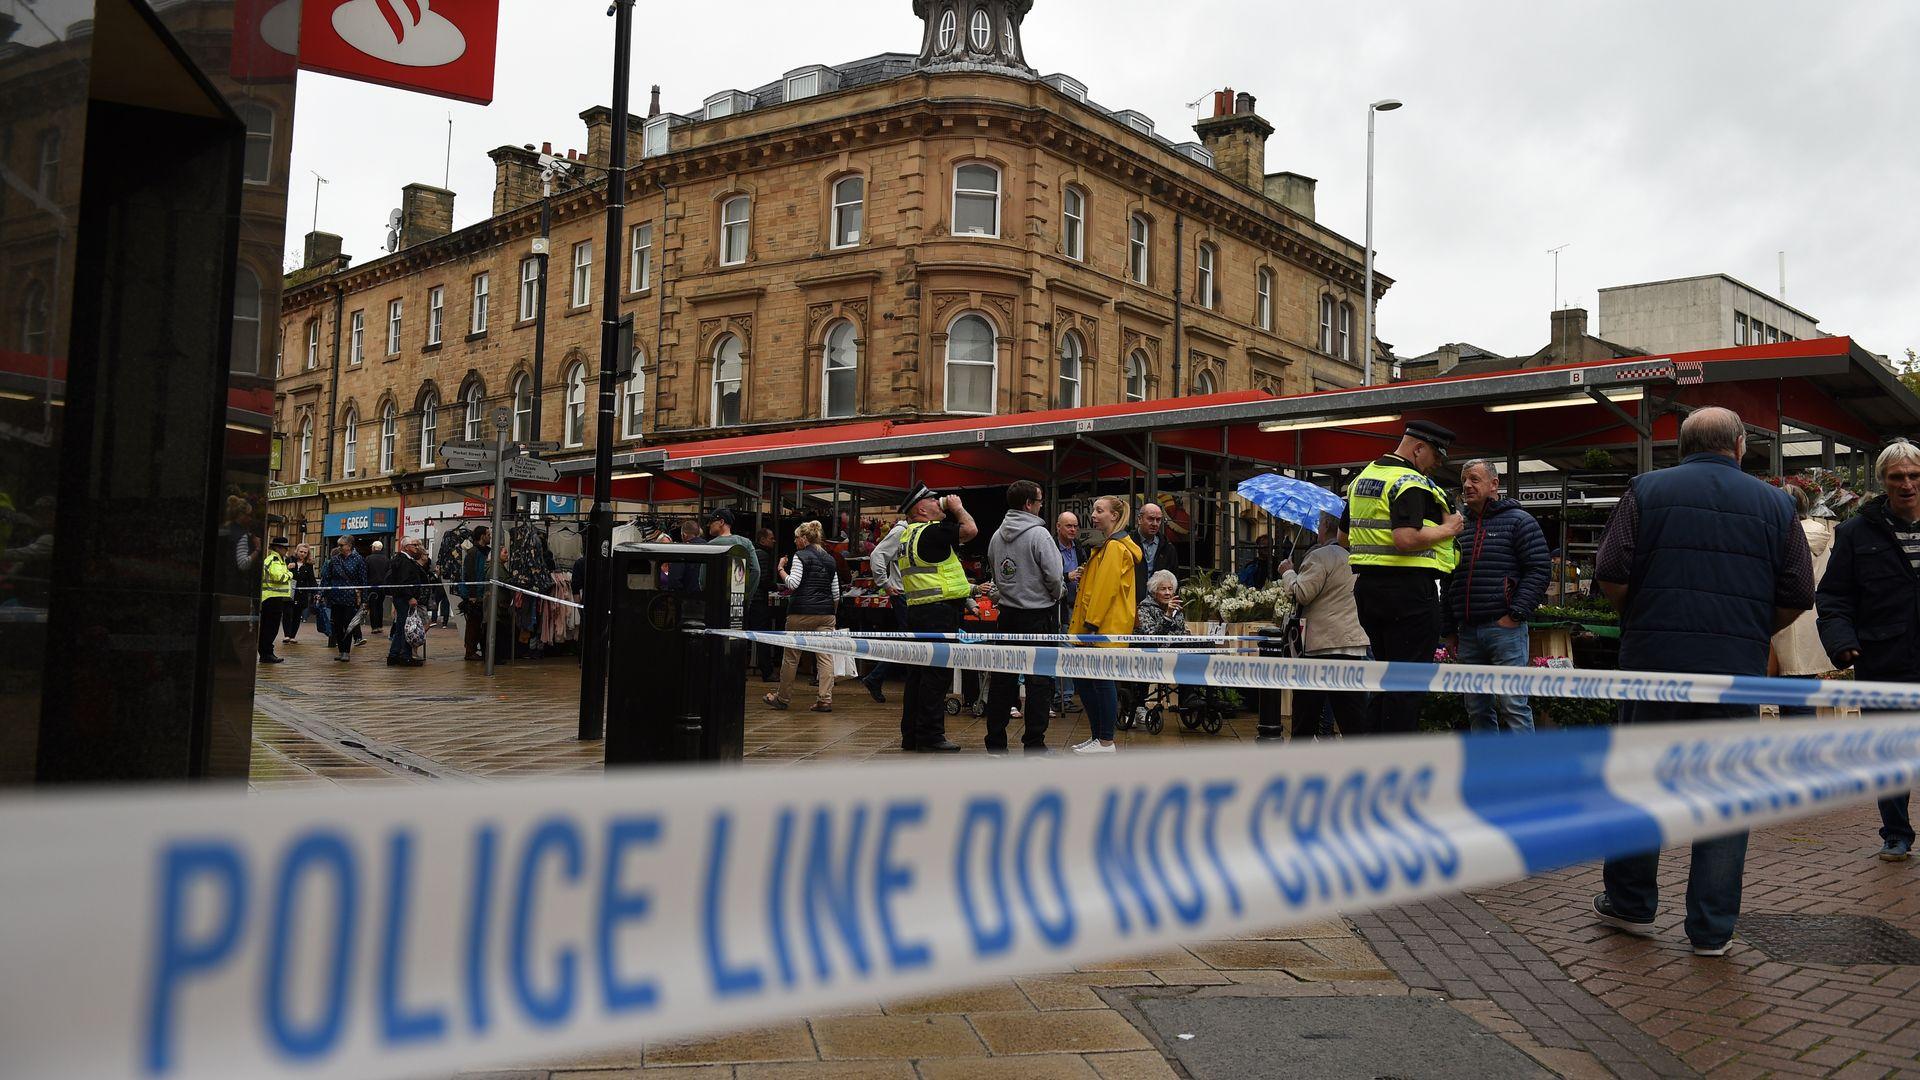 Crime scene in London